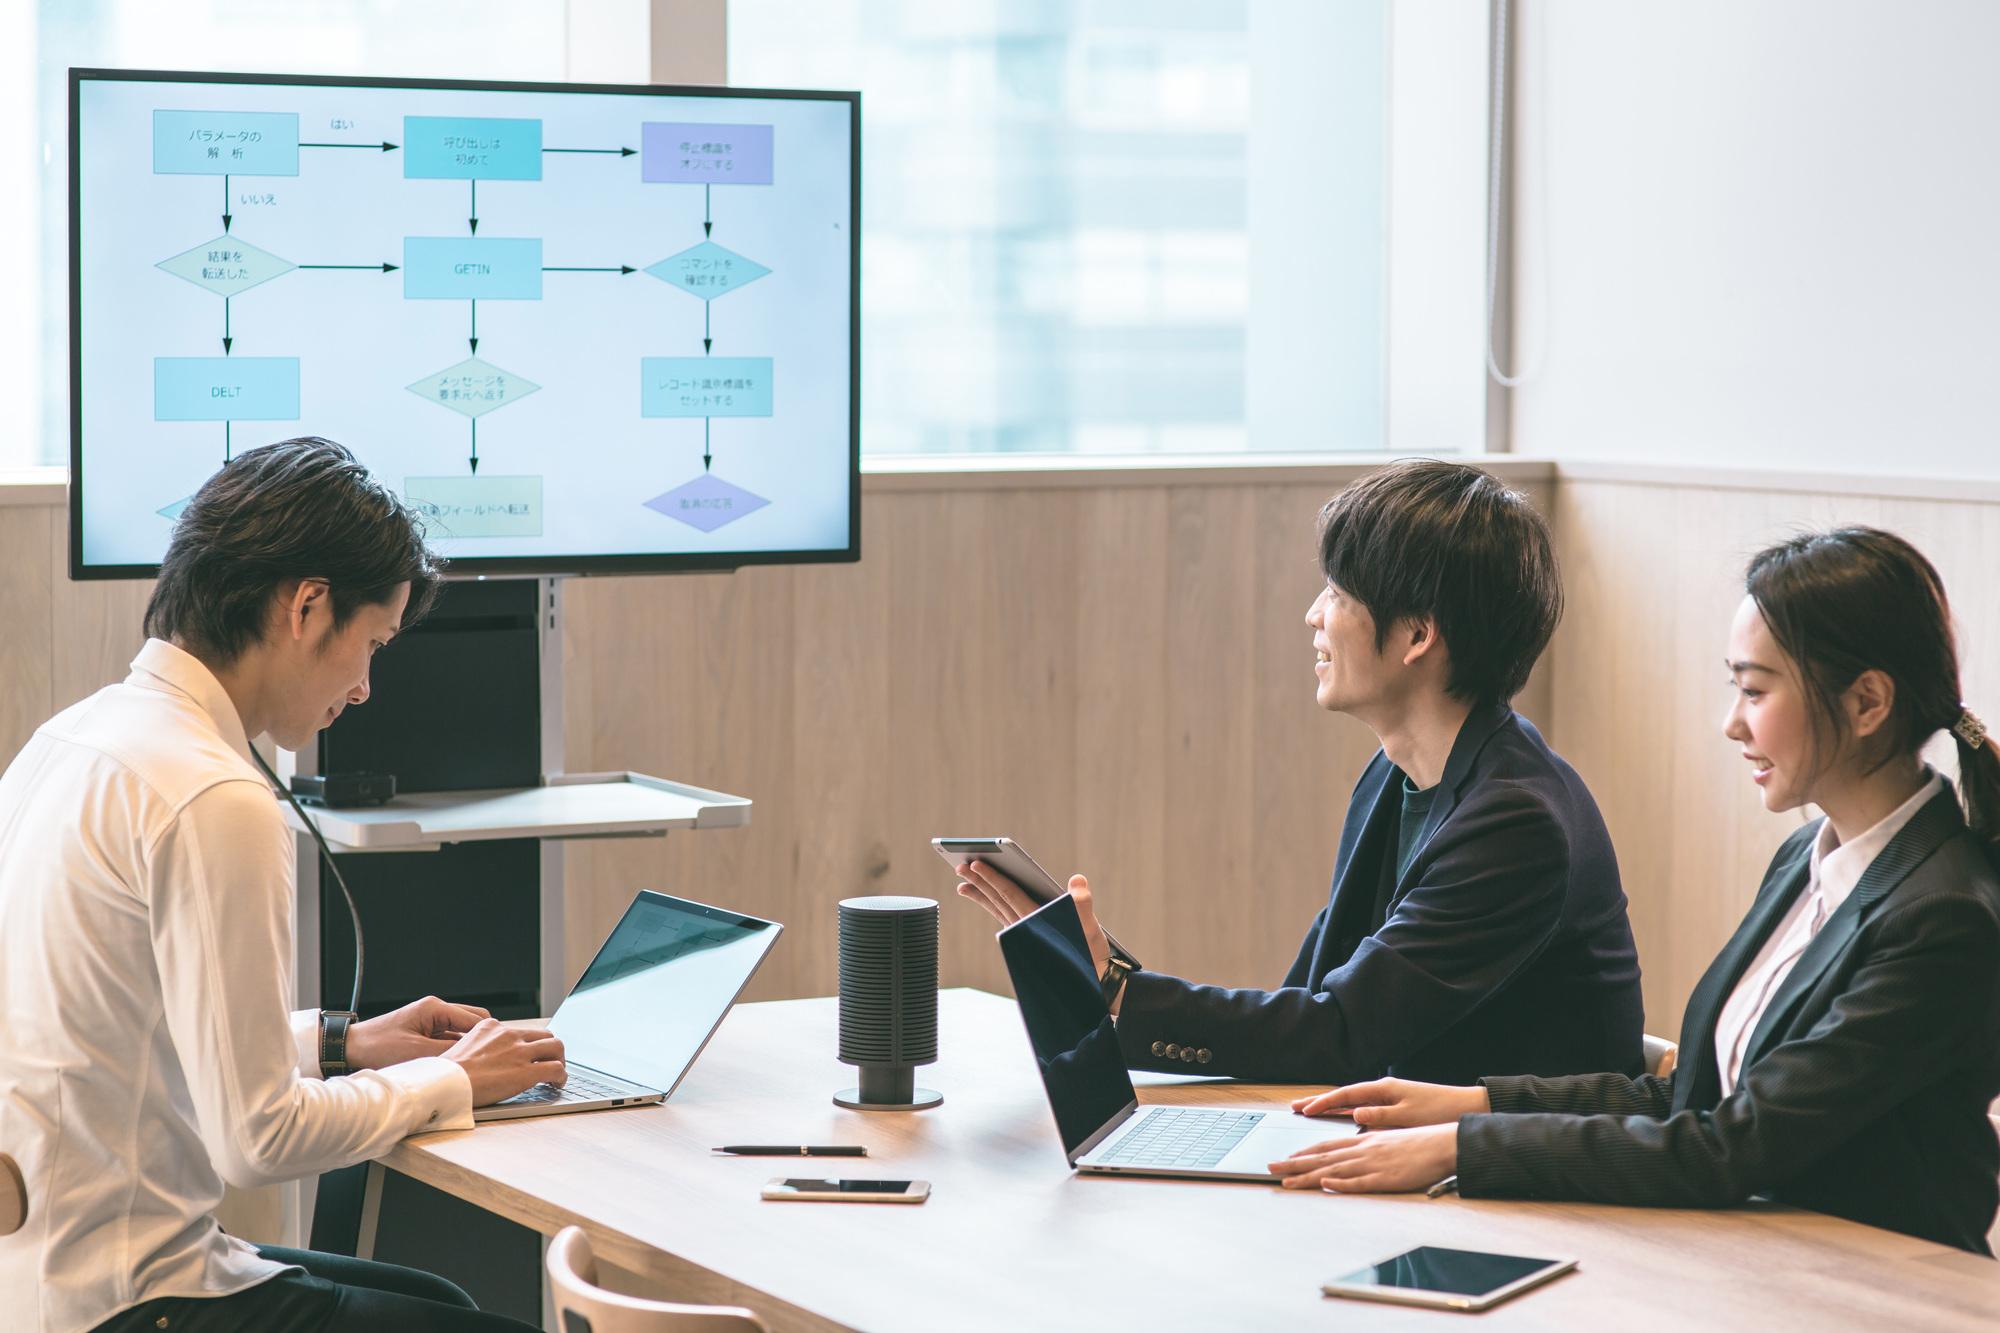 2025年の崖とは?日本が直面する課題と企業が取り組むべき対策